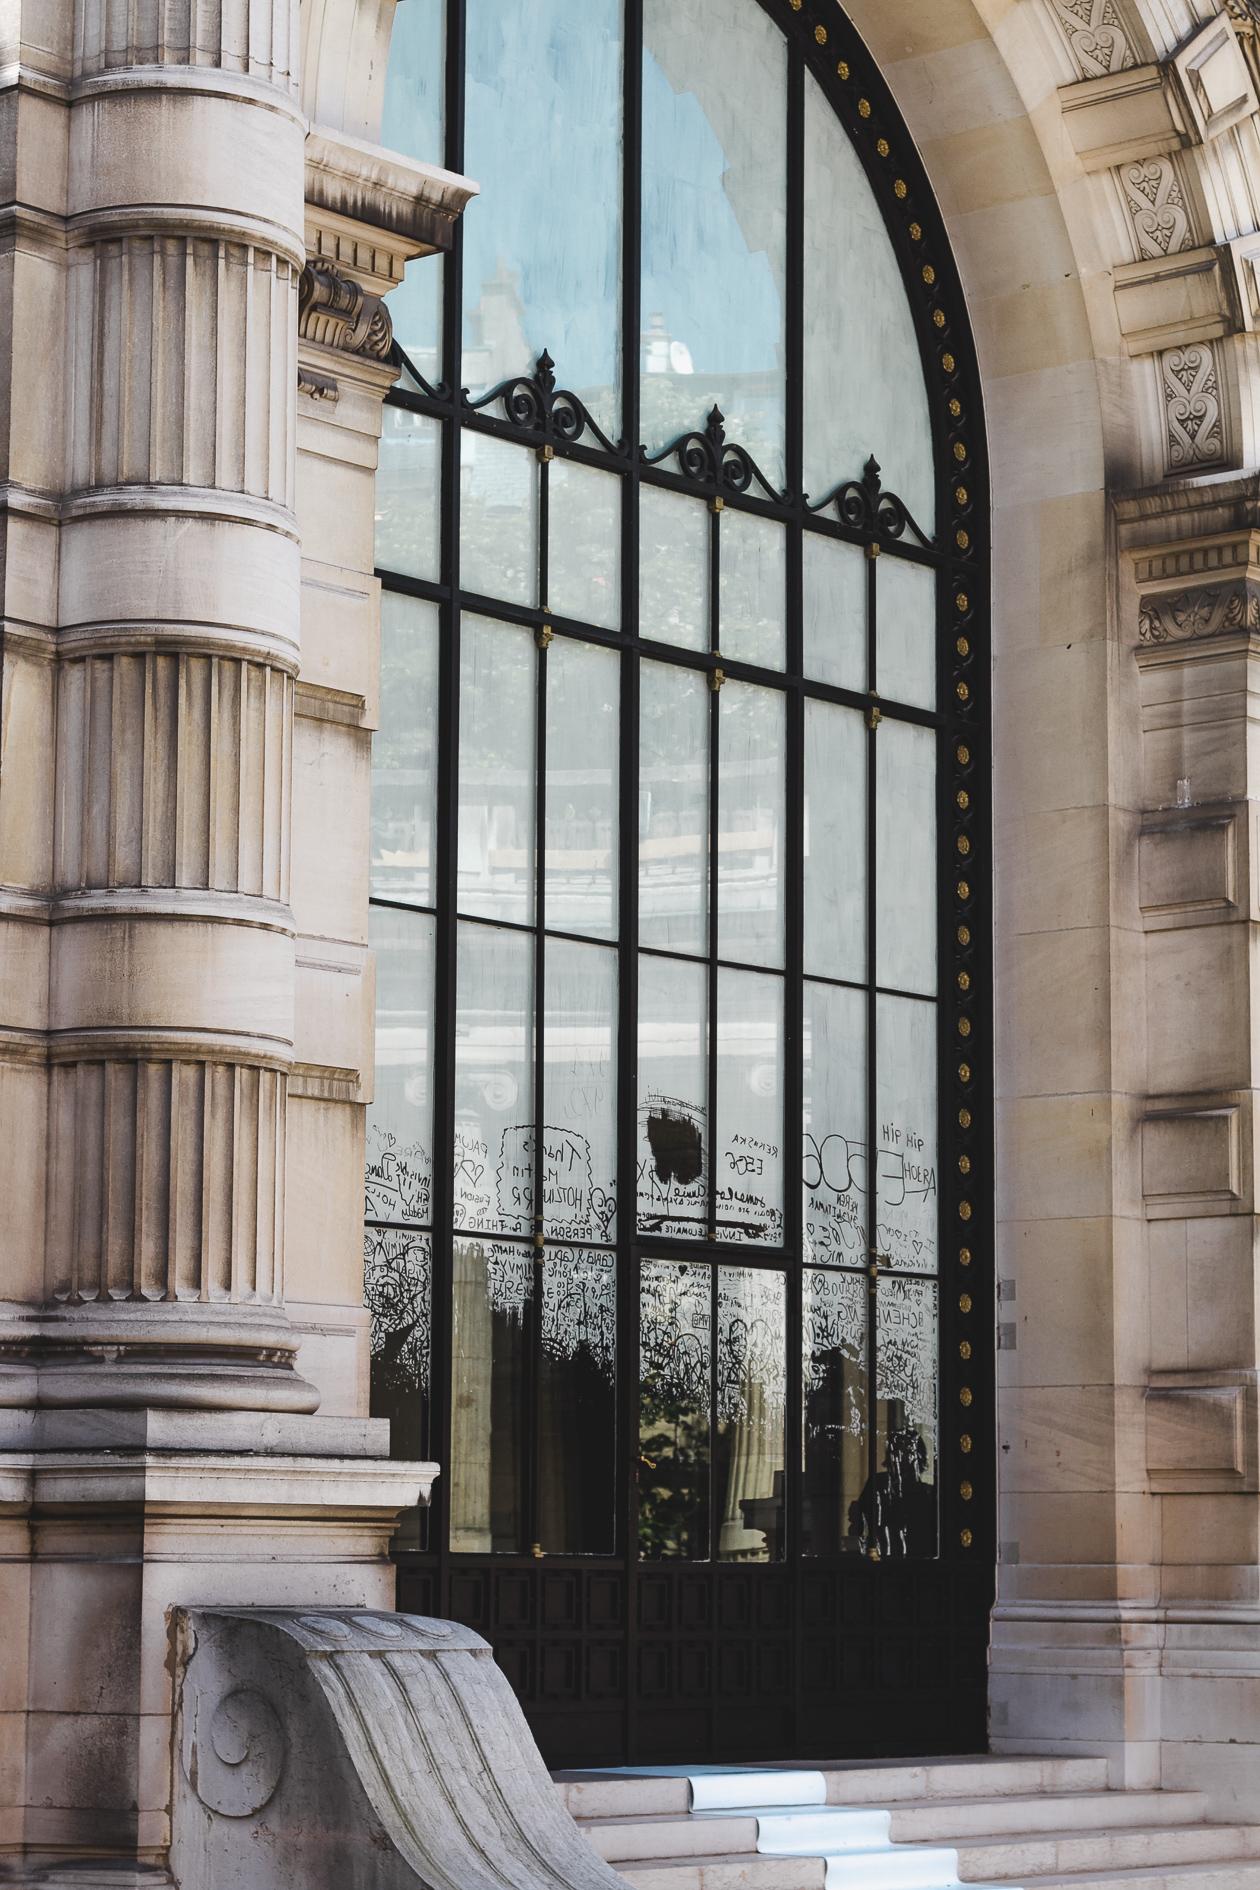 Margiela at Palais Galliera